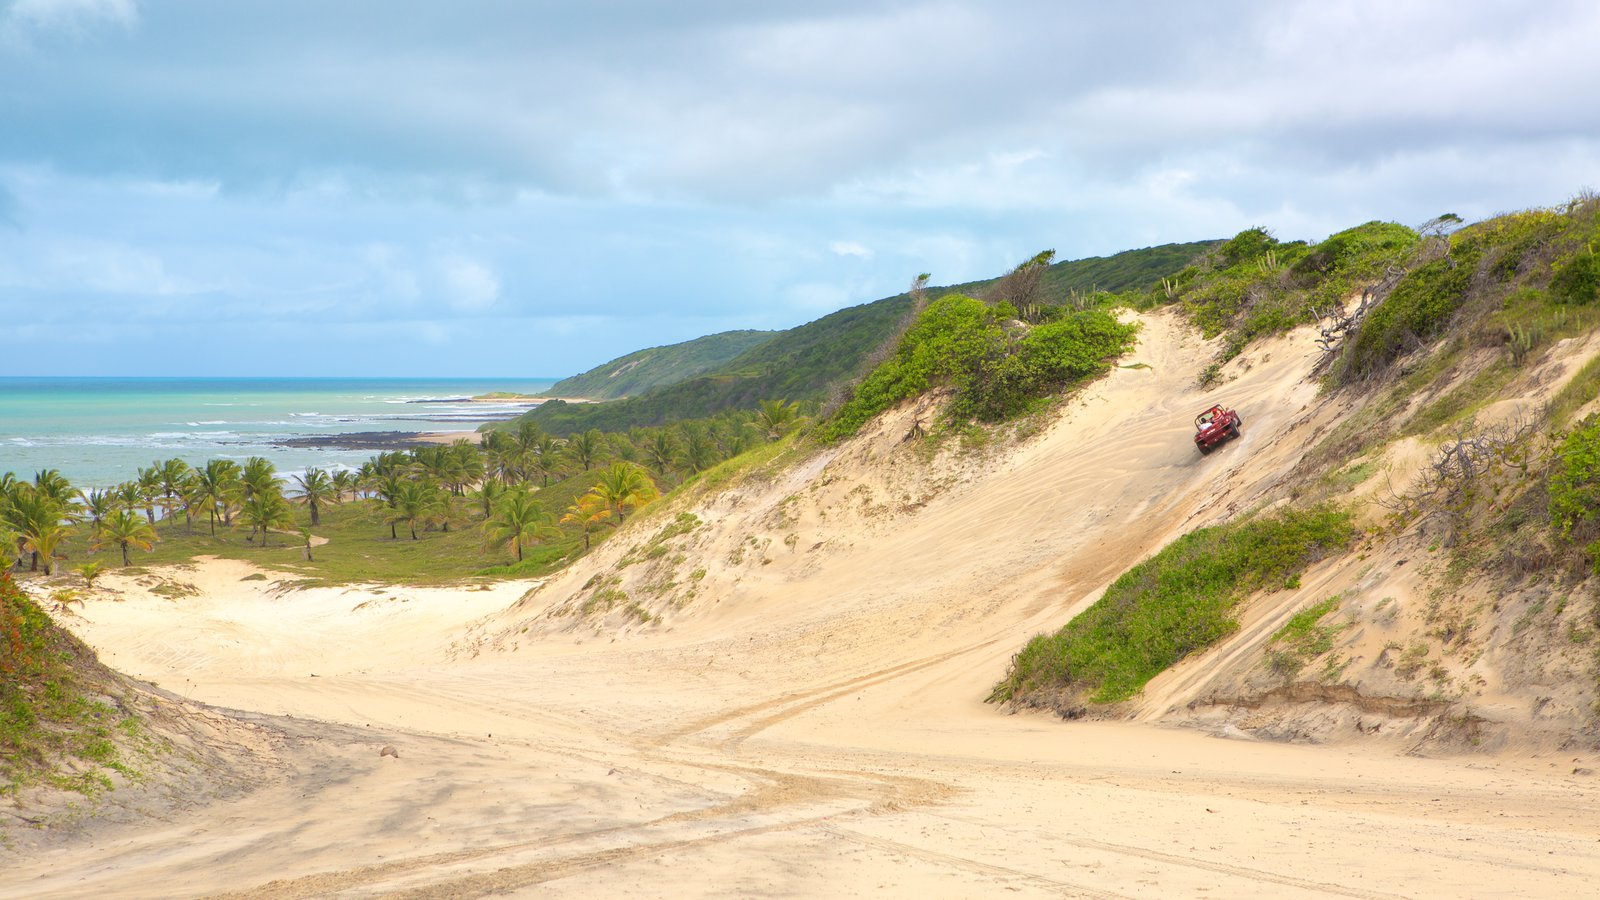 Baía Formosa caracterizando paisagens litorâneas e uma praia de areia